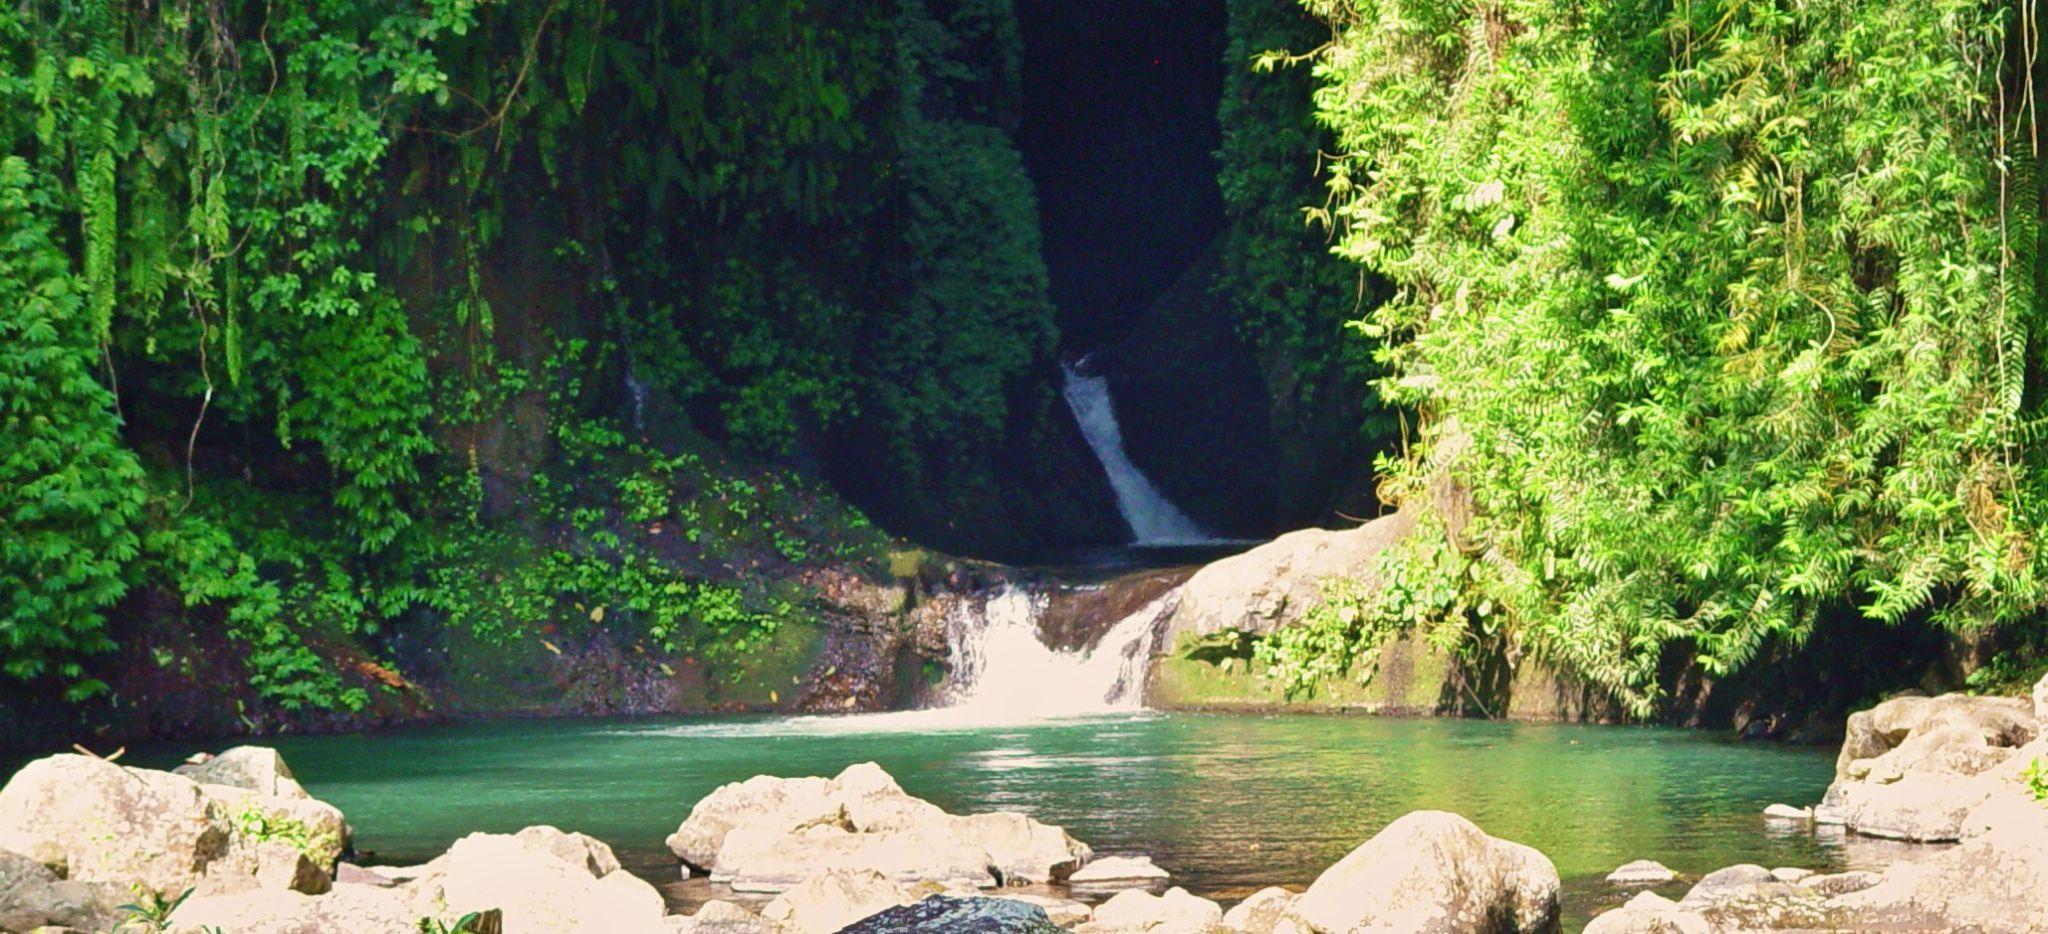 Wasserfall Becken in der Natur Balis, umringt von Dschungel